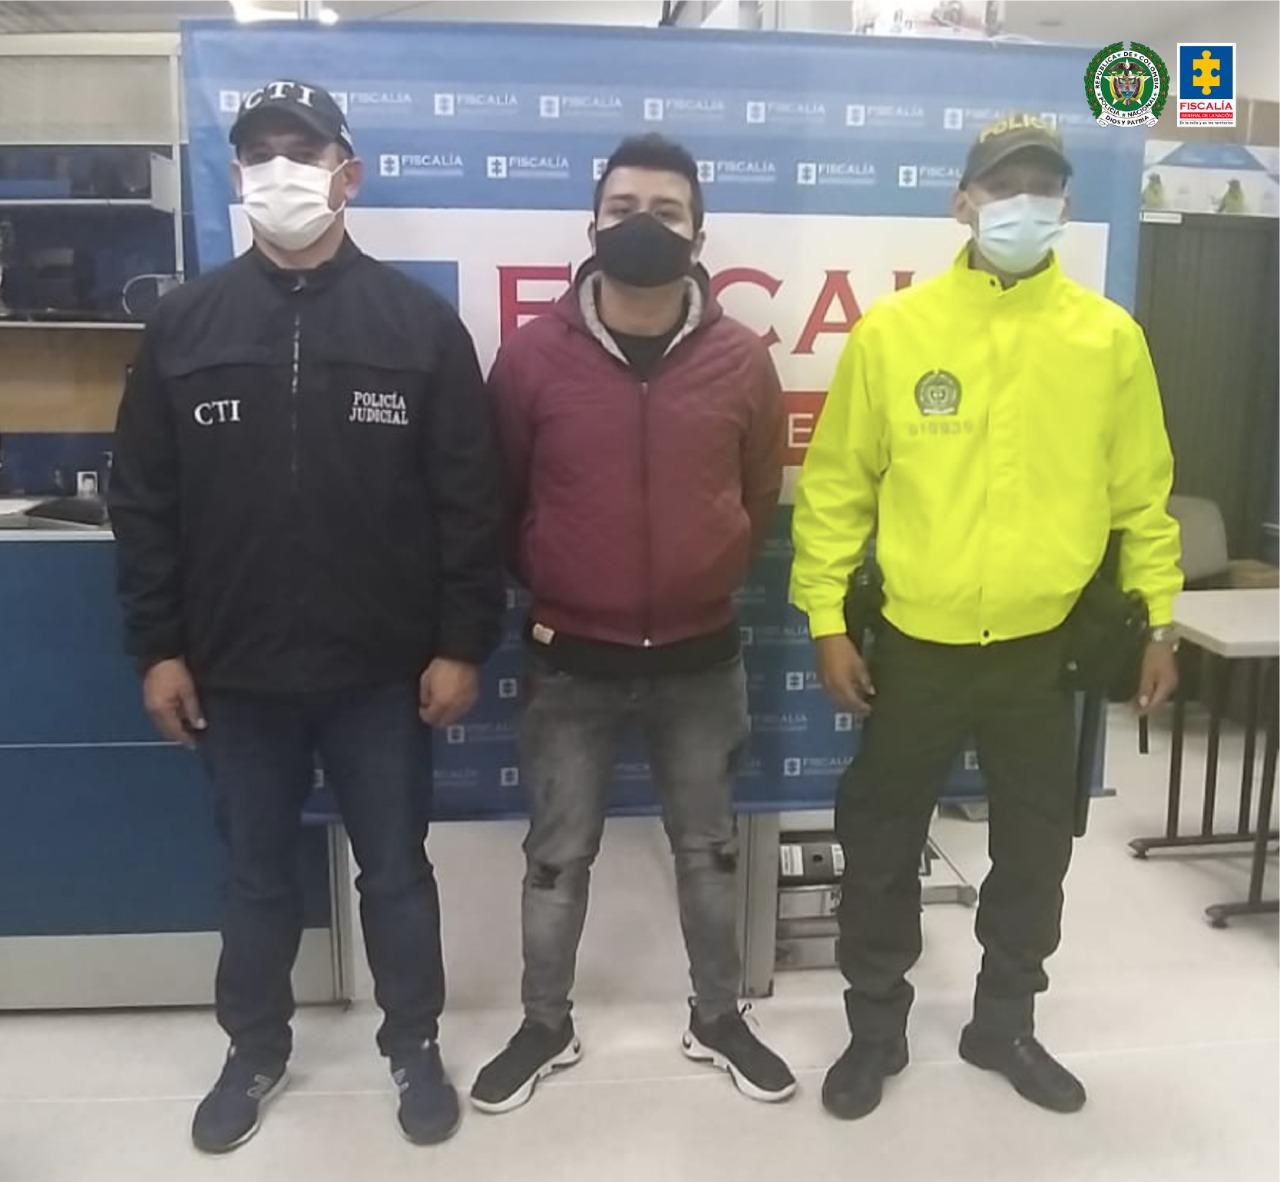 Asegurado en centro carcelario presunto integrante de la estructura delincuencial La Séptima por desmanes presentados en Cajamarca (Tolima) en medio de la protesta nacional - Noticias de Colombia